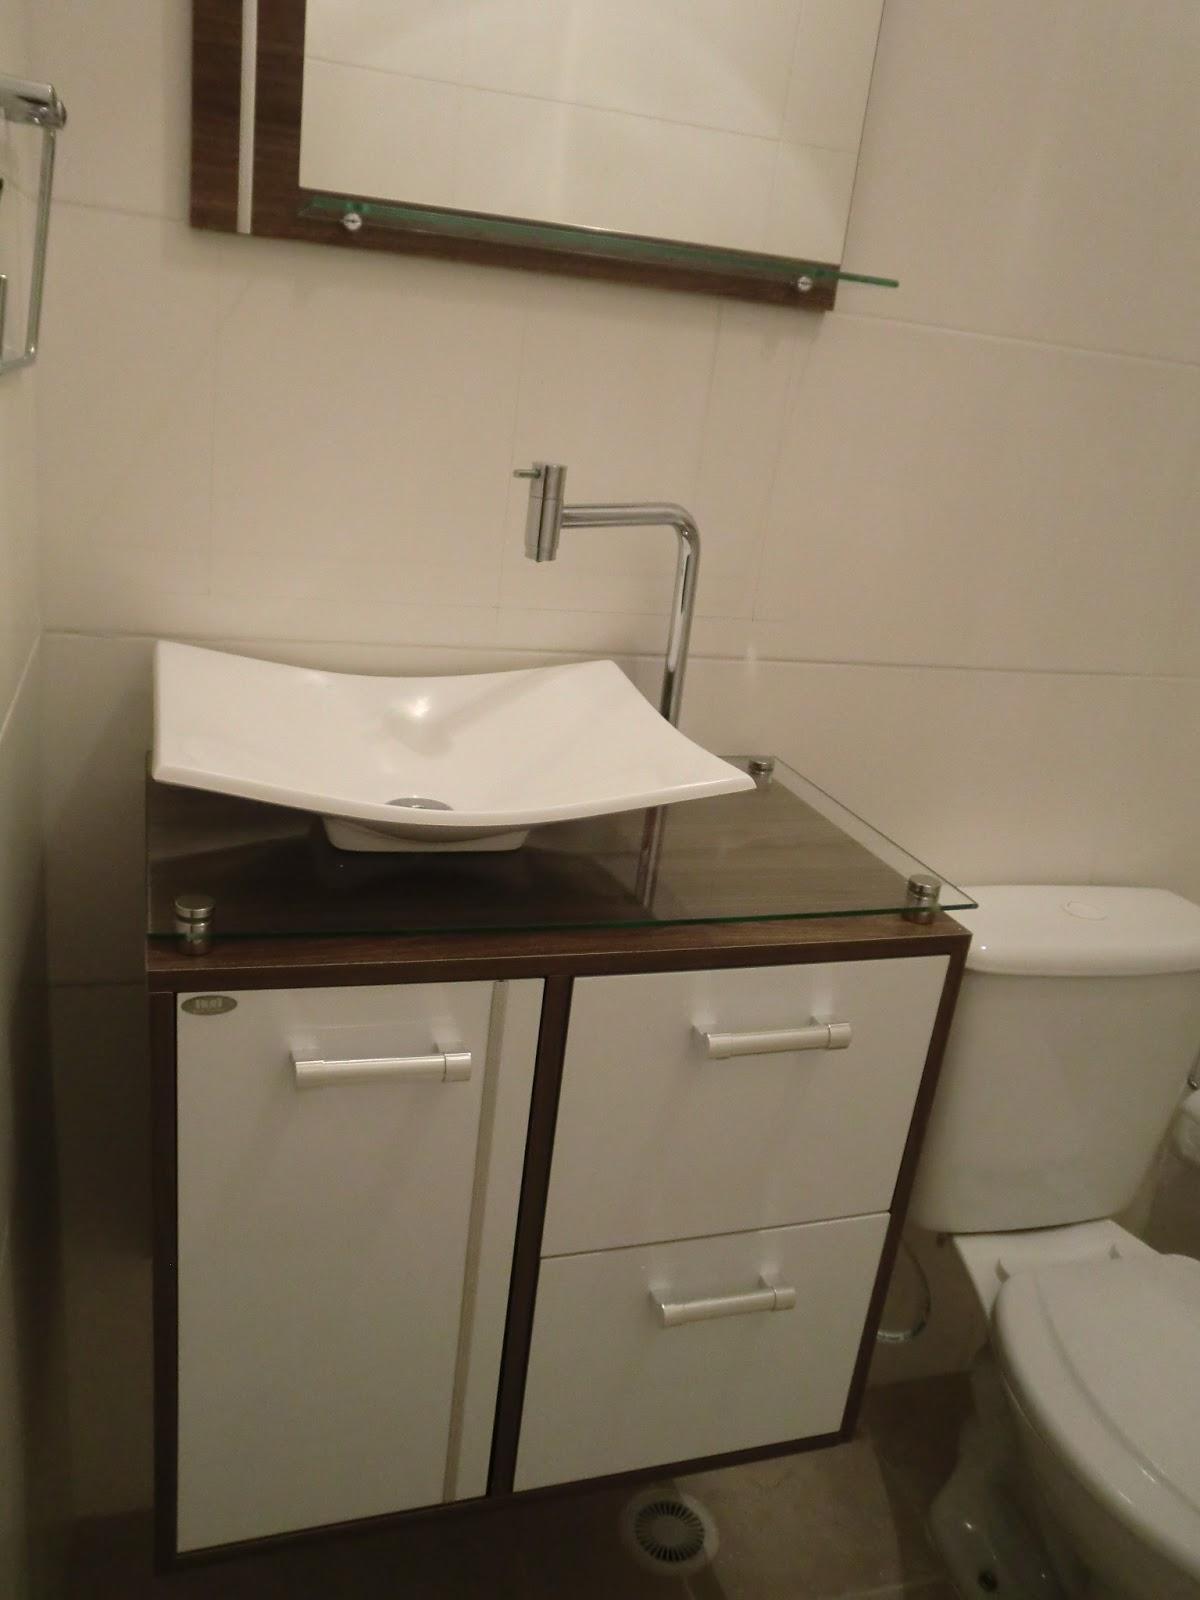 decora o de banheiro de apartamento pequeno dicas e fotos #30271A 1200x1600 Banheiro Com Pastilhas Apartamento